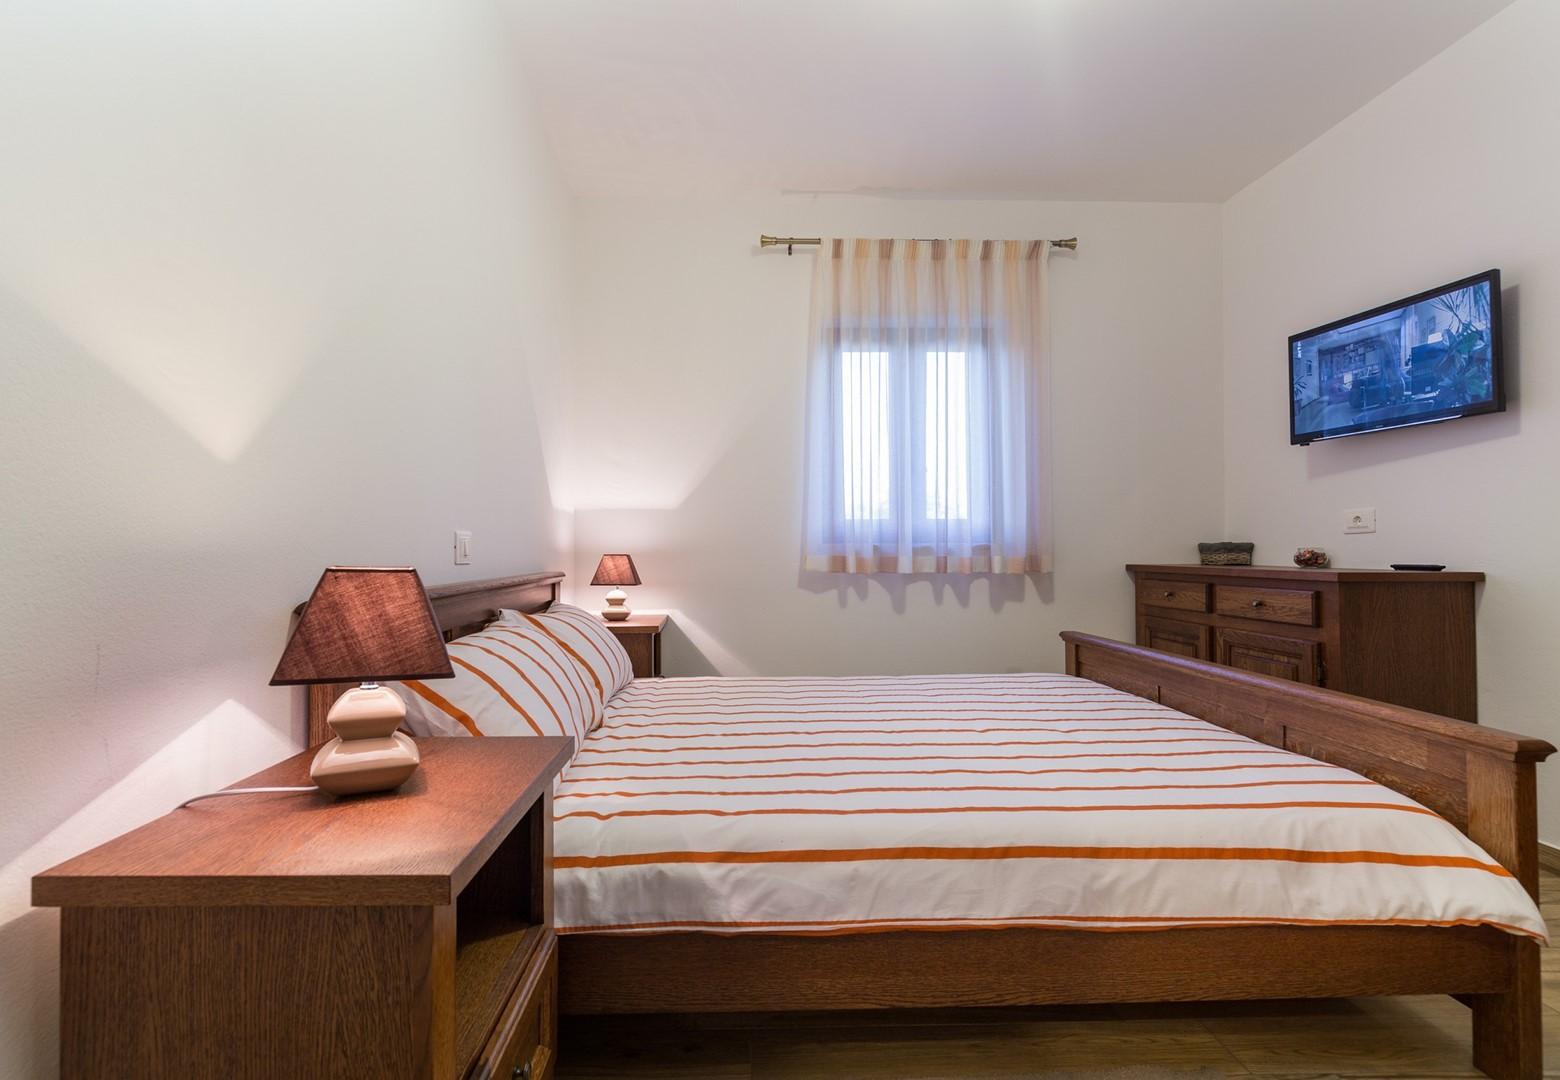 Ferienhaus Villa Elida mit Pool in abgelegene Lage - Zentral-Istrien (2789996), Pazin, , Istrien, Kroatien, Bild 20